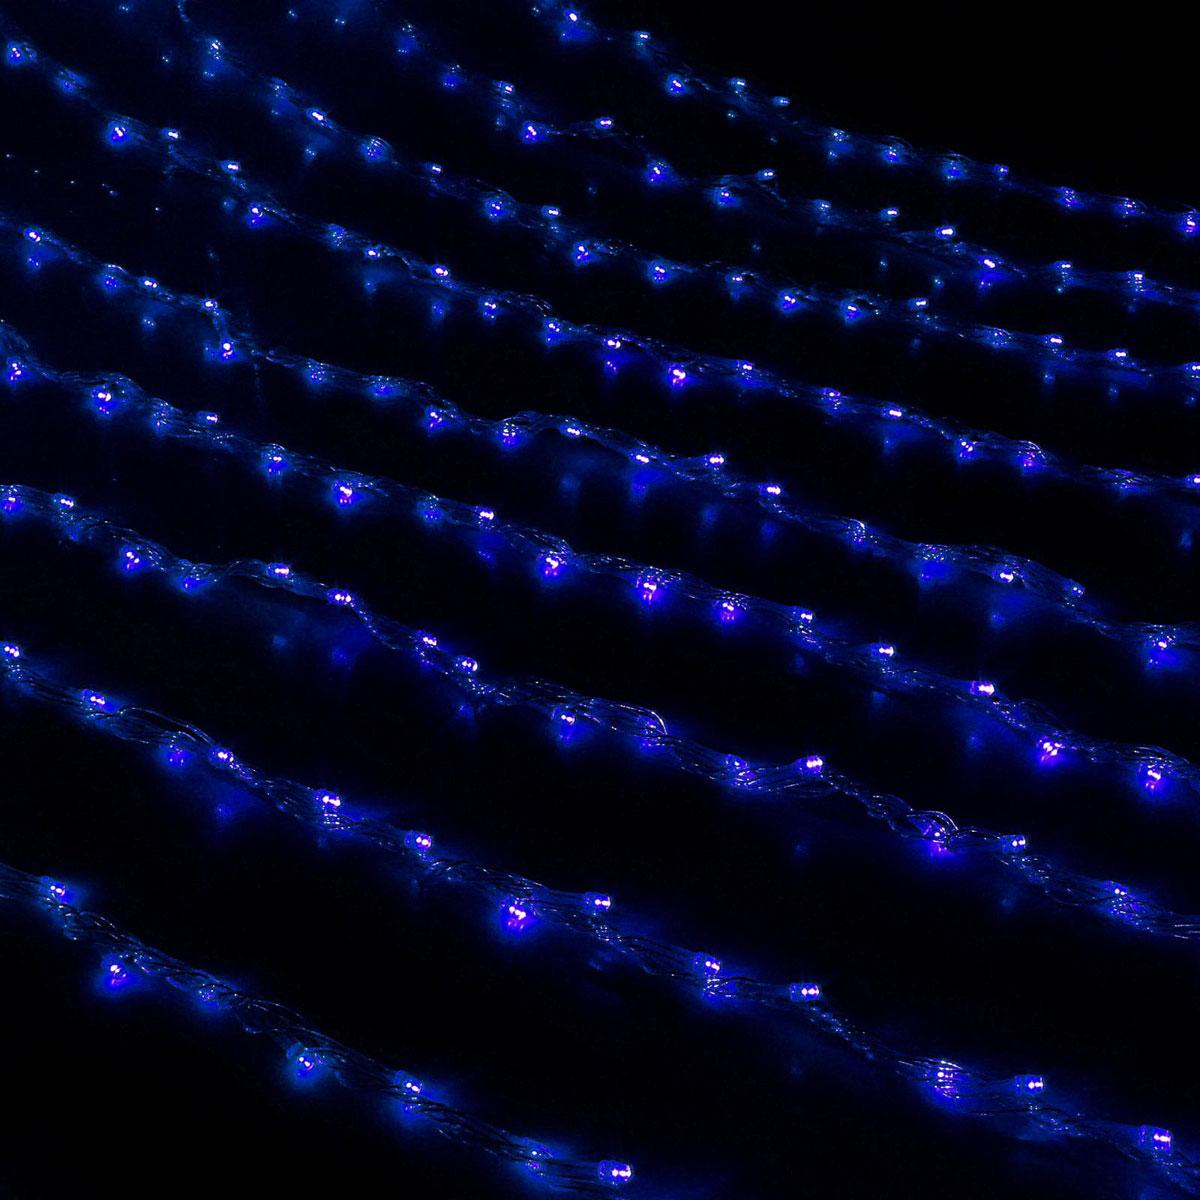 Гирлянда светодиодная Luazon Дождь, цвет: синий, 300 ламп, 8 режимов, 220 V, 1,5 х 1 мBH0409_ЁлочкиСветодиодные гирлянды и ленты — это отличный вариант для новогоднего оформления интерьера или фасада. С их помощью помещение любого размера можно превратить в праздничный зал, а внешние элементы зданий, украшенные ими, мгновенно станут напоминать очертания сказочного дворца. Такие украшения создают ауру предвкушения чуда. Деревья, фасады, витрины, окна и арки будто специально созданы, чтобы вы украсили их светящимися нитями.